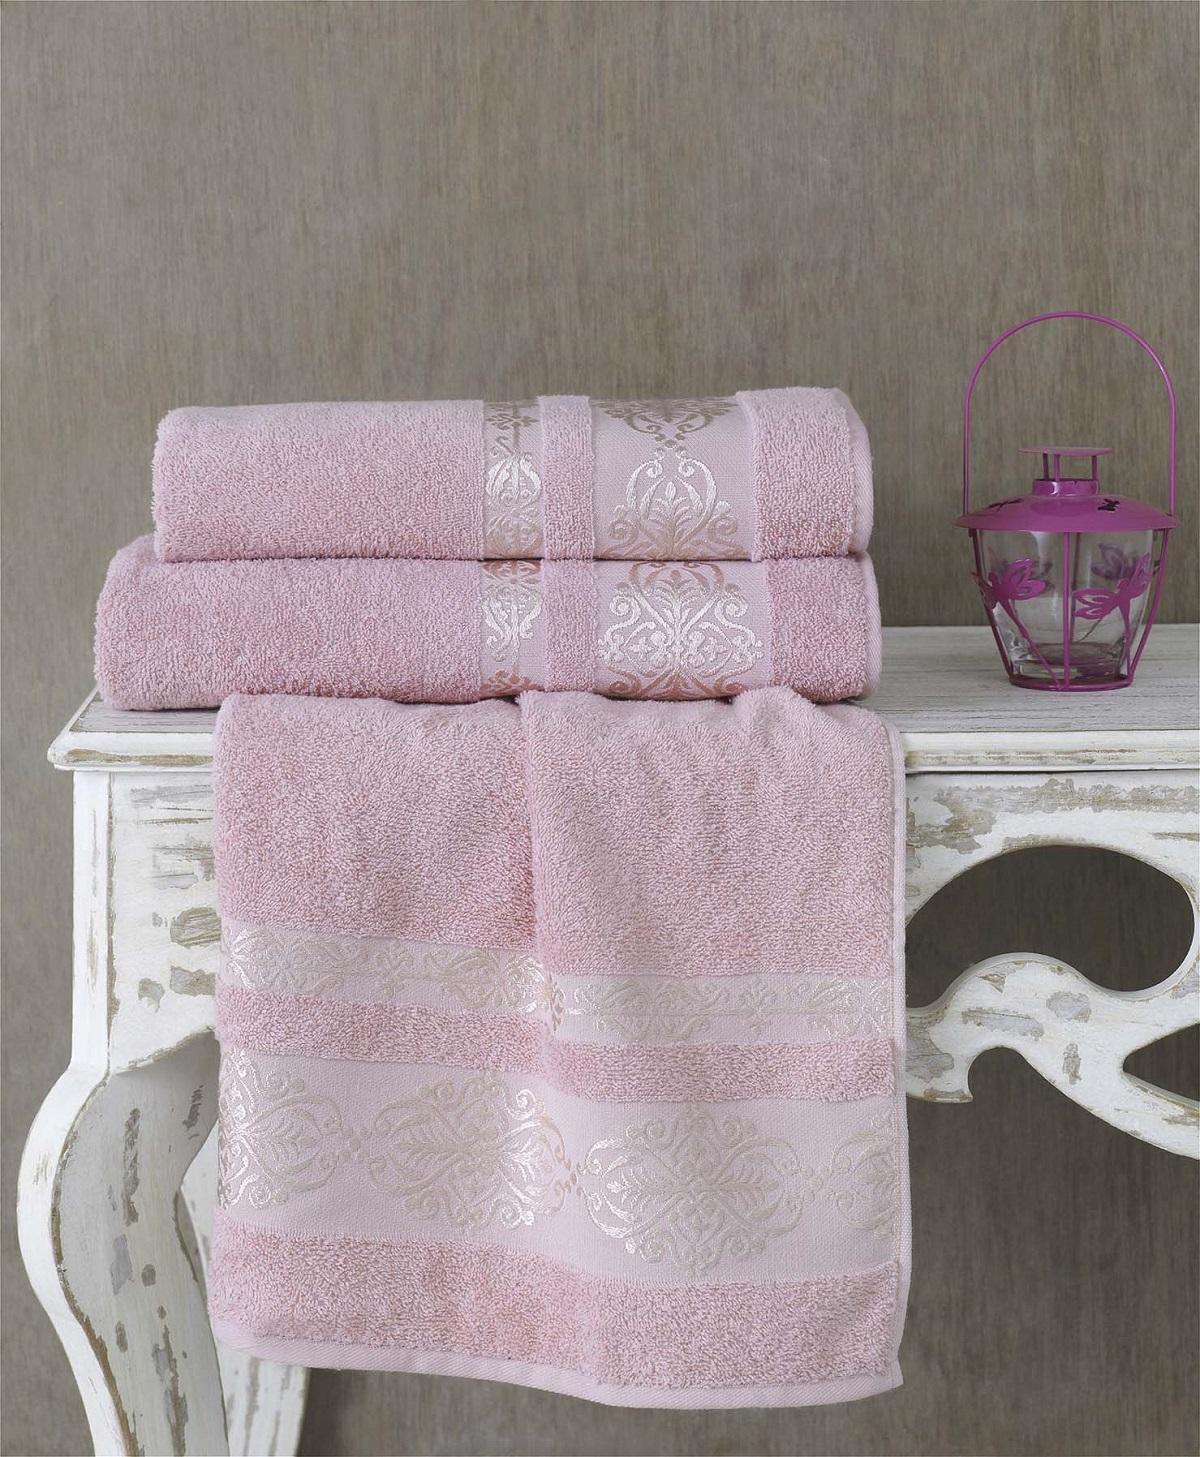 Полотенца Karna Полотенце Rebeka Цвет: Грязно-Розовый (70х140 см) полотенца karna полотенце iteka цвет коричневый 70х140 см